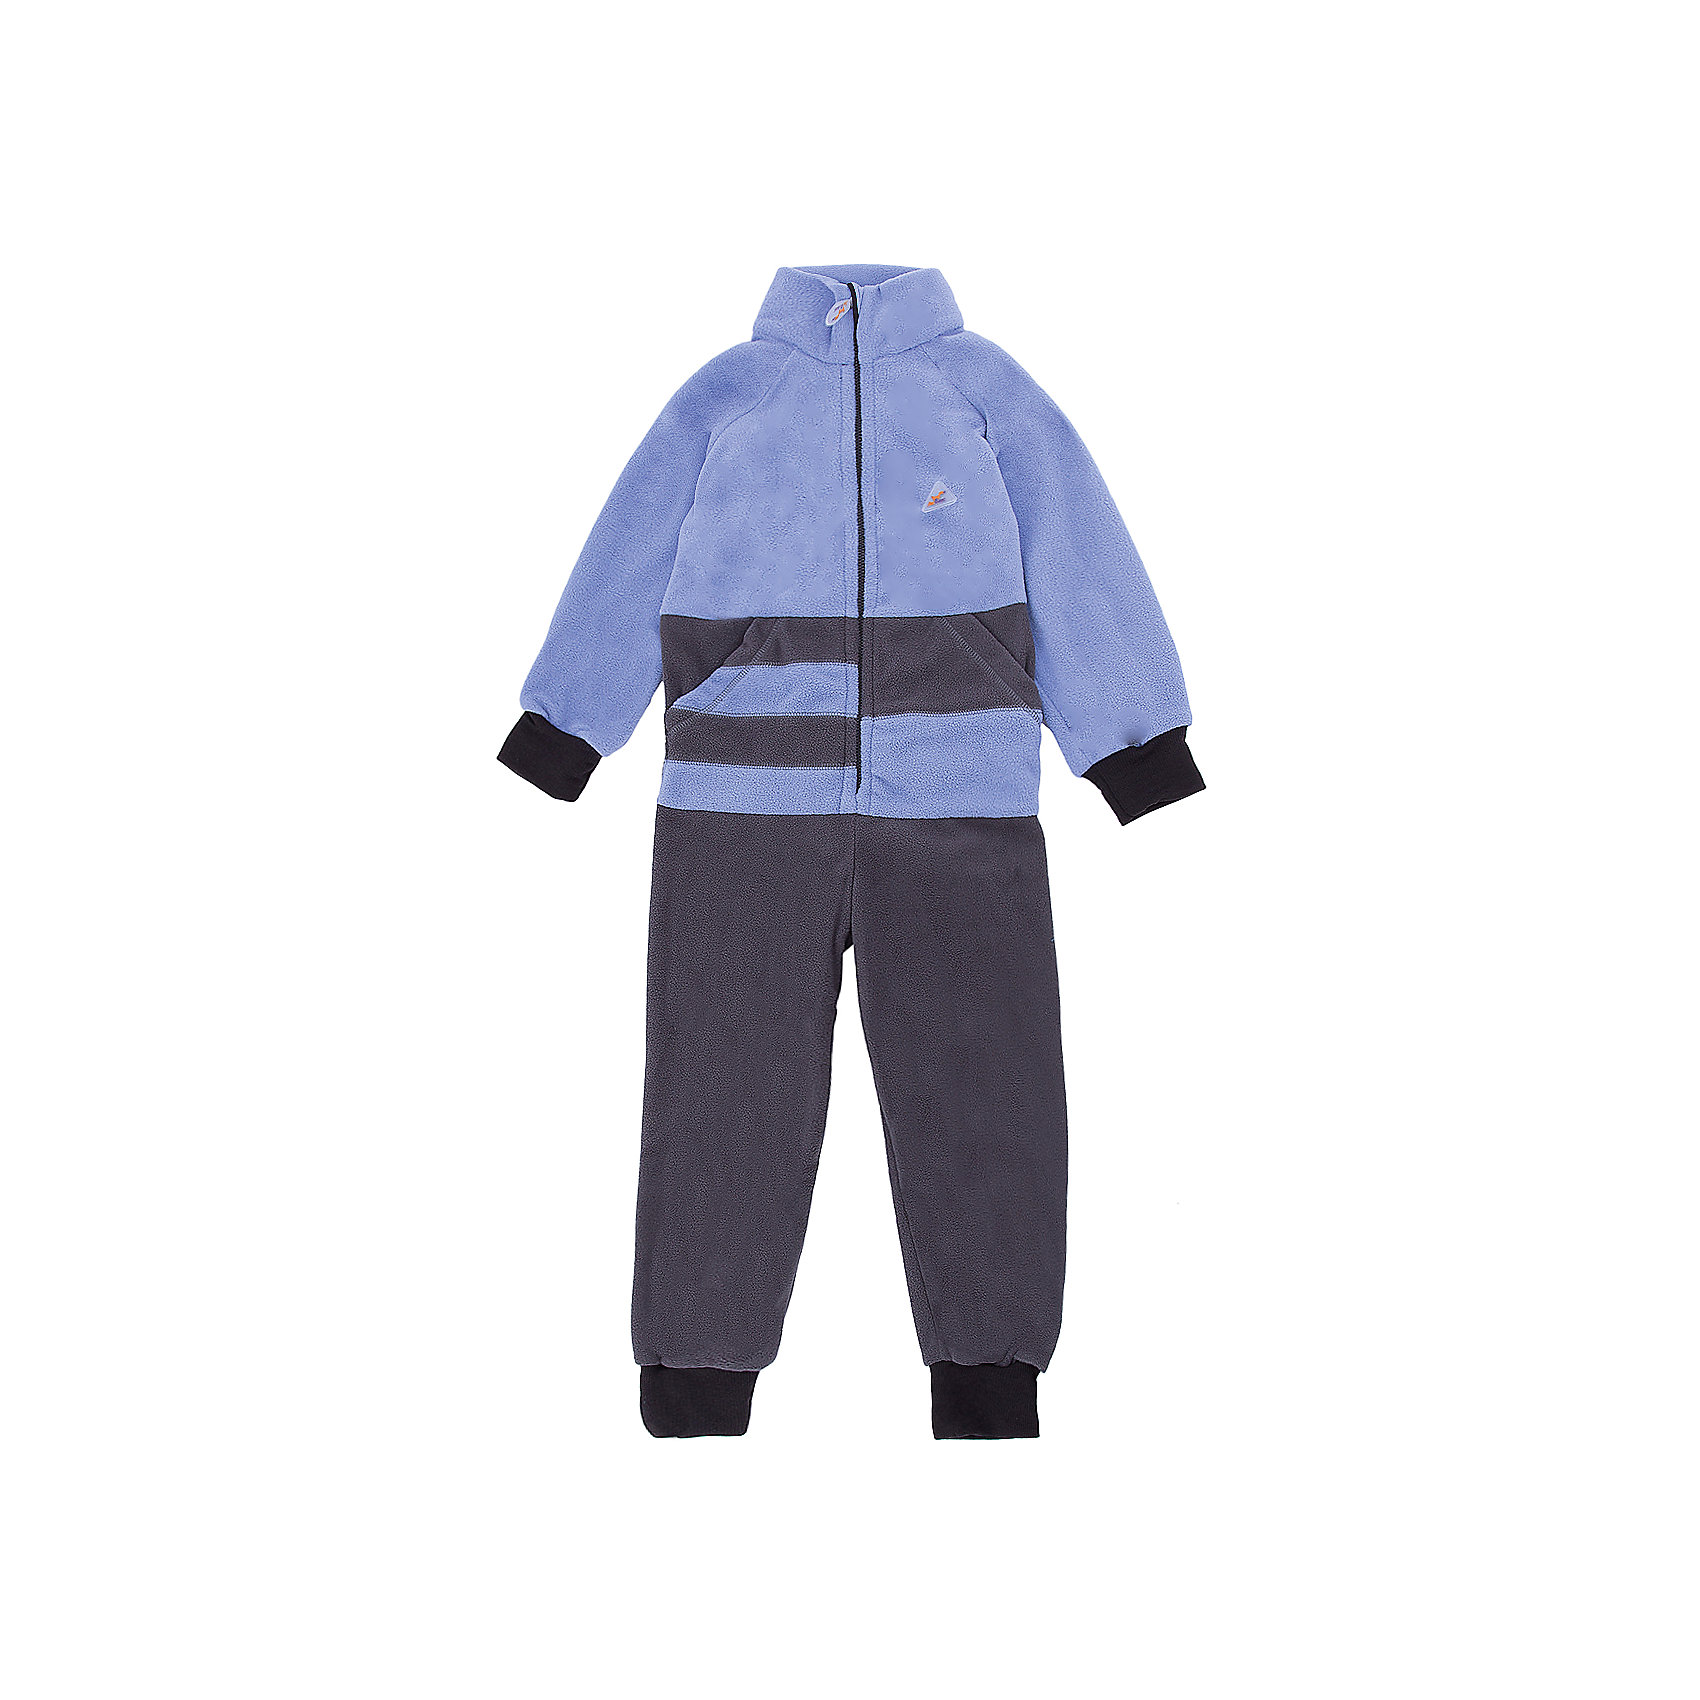 Комбинезон Полоска ЛисФлис для мальчикаФлис и термобелье<br>Характеристики товара:<br><br>• цвет: голубой/серый;<br>• состав: 100% полиэстер, флис (180 гр);<br>• сезон: зима;<br>• особенности: флисовый, без капюшона;<br>• застежка: молния;<br>• защита подбородка от защемления;<br>• эластичные манжеты на рукавах и штанинах;<br>• резинка на спинке для лучшей посадки:<br>• страна бренда: Россия;<br>• страна производства: Россия.<br><br>Флисовый комбинезон на молнии. Изделие можно одевать как поддеву (дополнительный утепляющий слой) под мембранную одежду при минусовой температуре. А как самостоятельный элемент одежды (верхний слой) от +10 градусов. Прочная молния комбинезона расстегивается и застегивается одним движением руки. Флисовый комбинезон без капюшона.<br><br>Комбинезон Полоска ЛисФлис можно купить в нашем интернет-магазине.<br><br>Ширина мм: 356<br>Глубина мм: 10<br>Высота мм: 245<br>Вес г: 519<br>Цвет: голубой<br>Возраст от месяцев: 24<br>Возраст до месяцев: 36<br>Пол: Мужской<br>Возраст: Детский<br>Размер: 98,134,80,86,92,104,110,116,122,128<br>SKU: 7052738